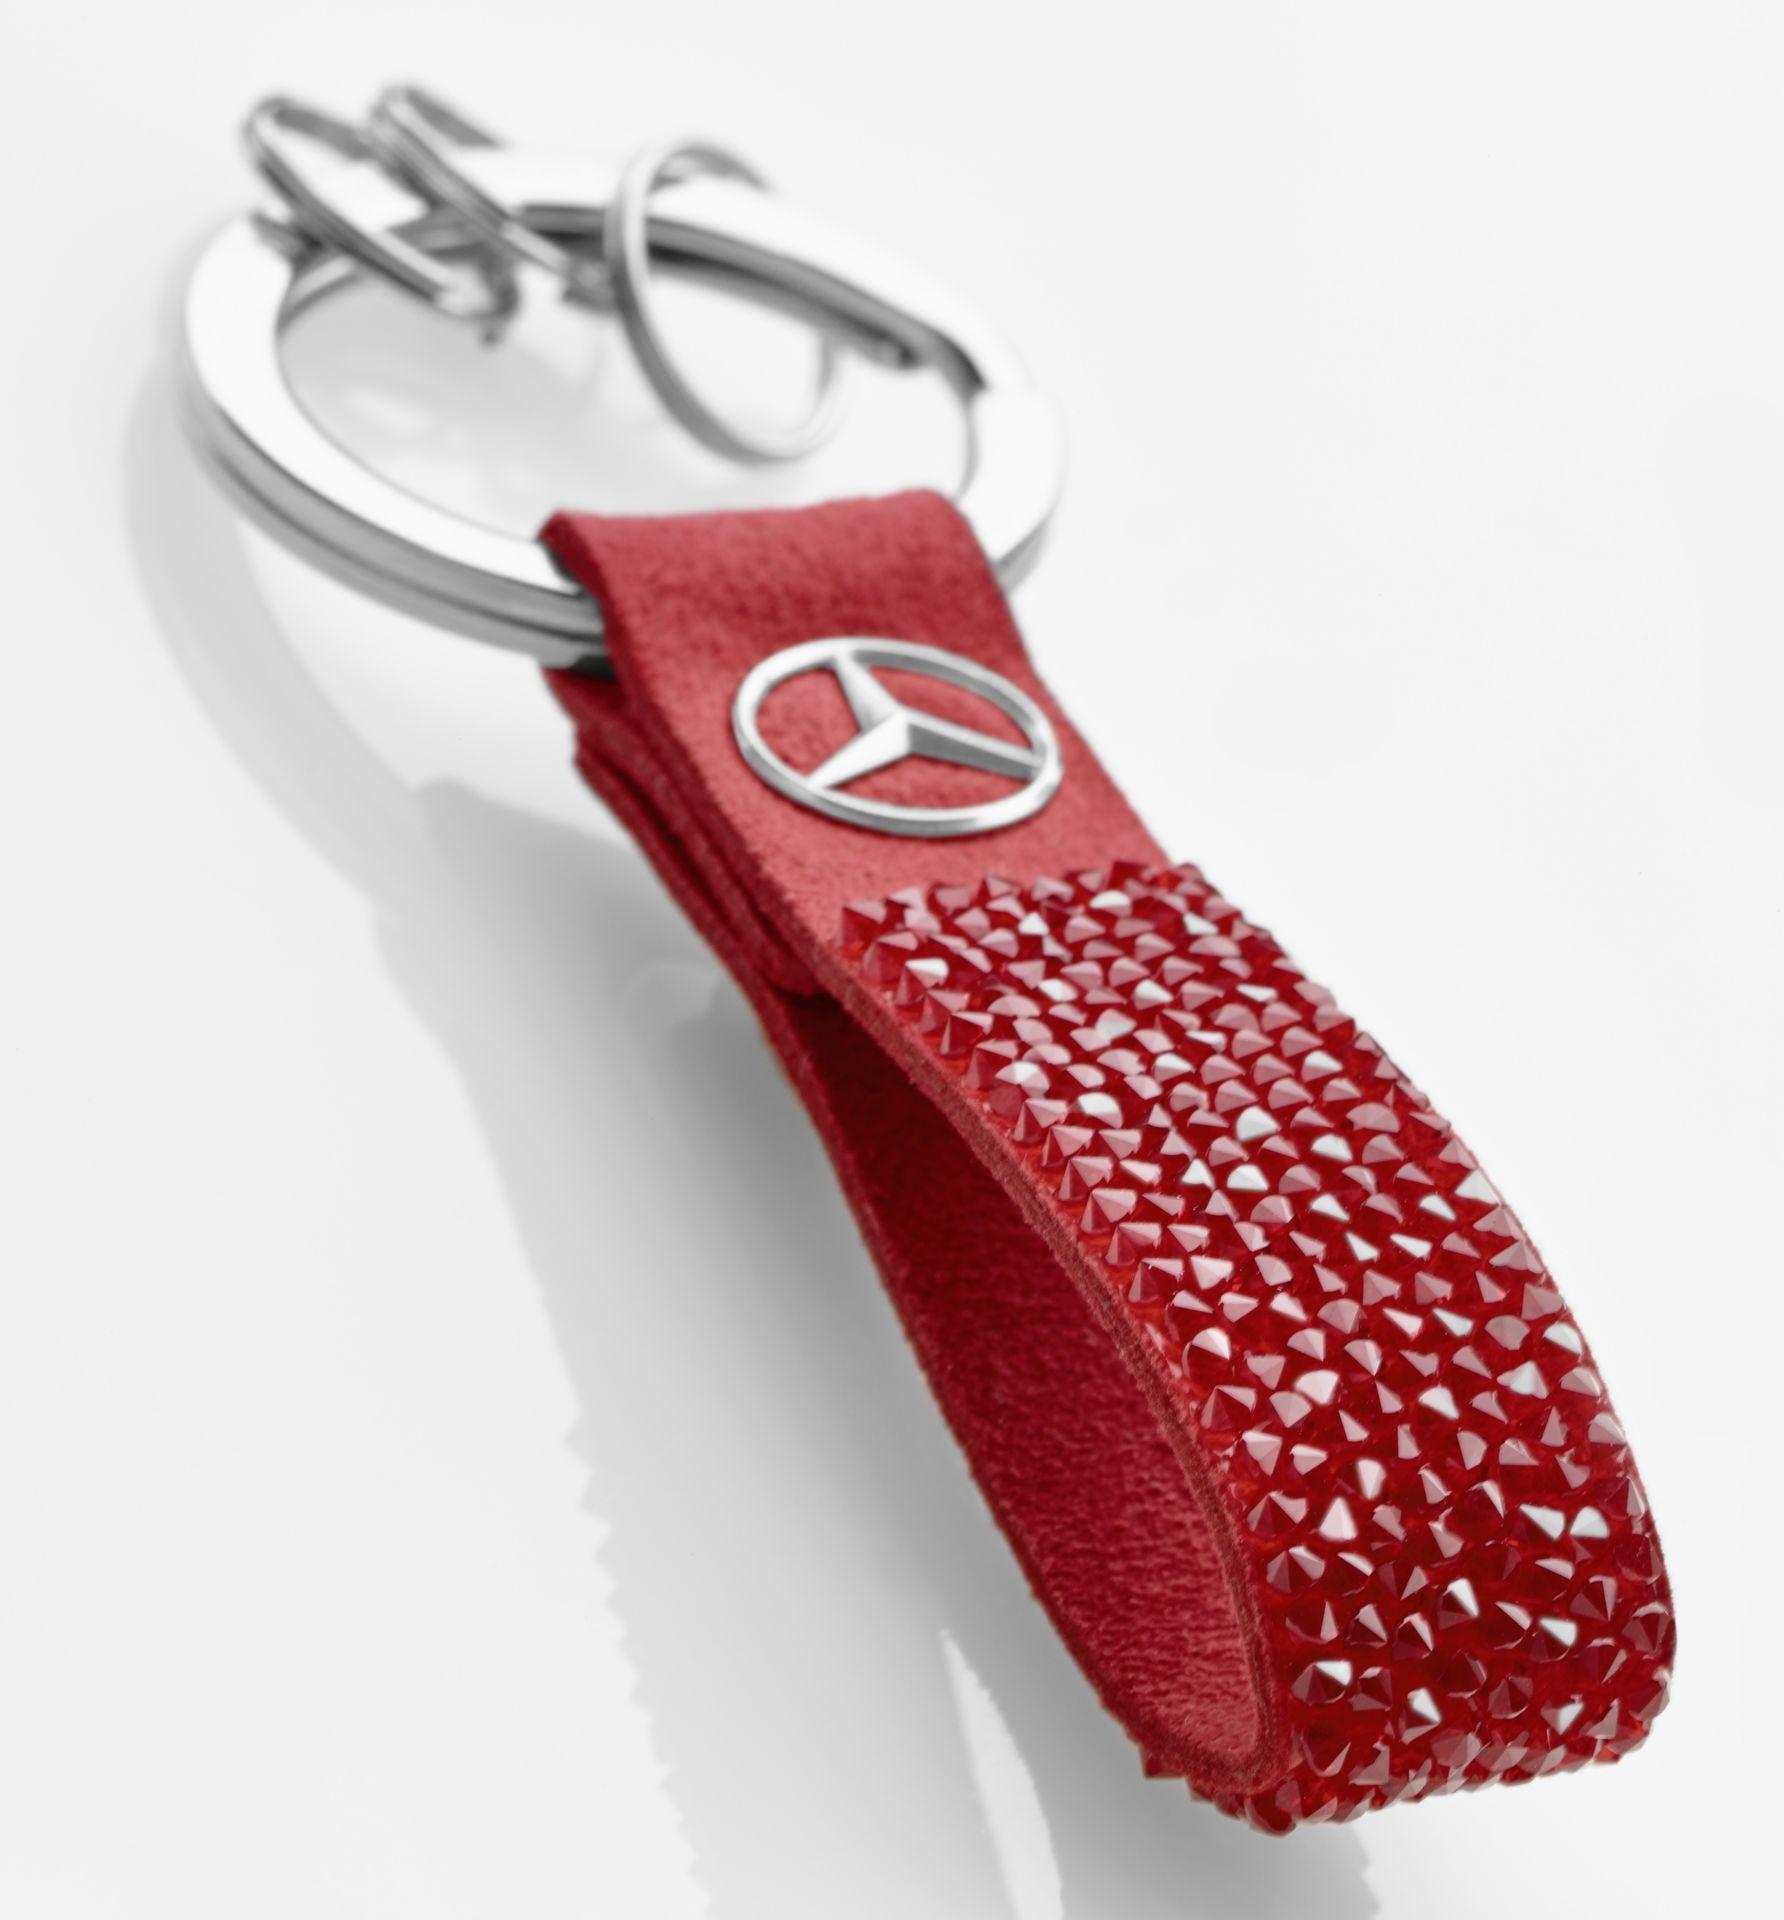 Брелок Mercedes-Benz Key Ring, Milano, Red, Swarovski